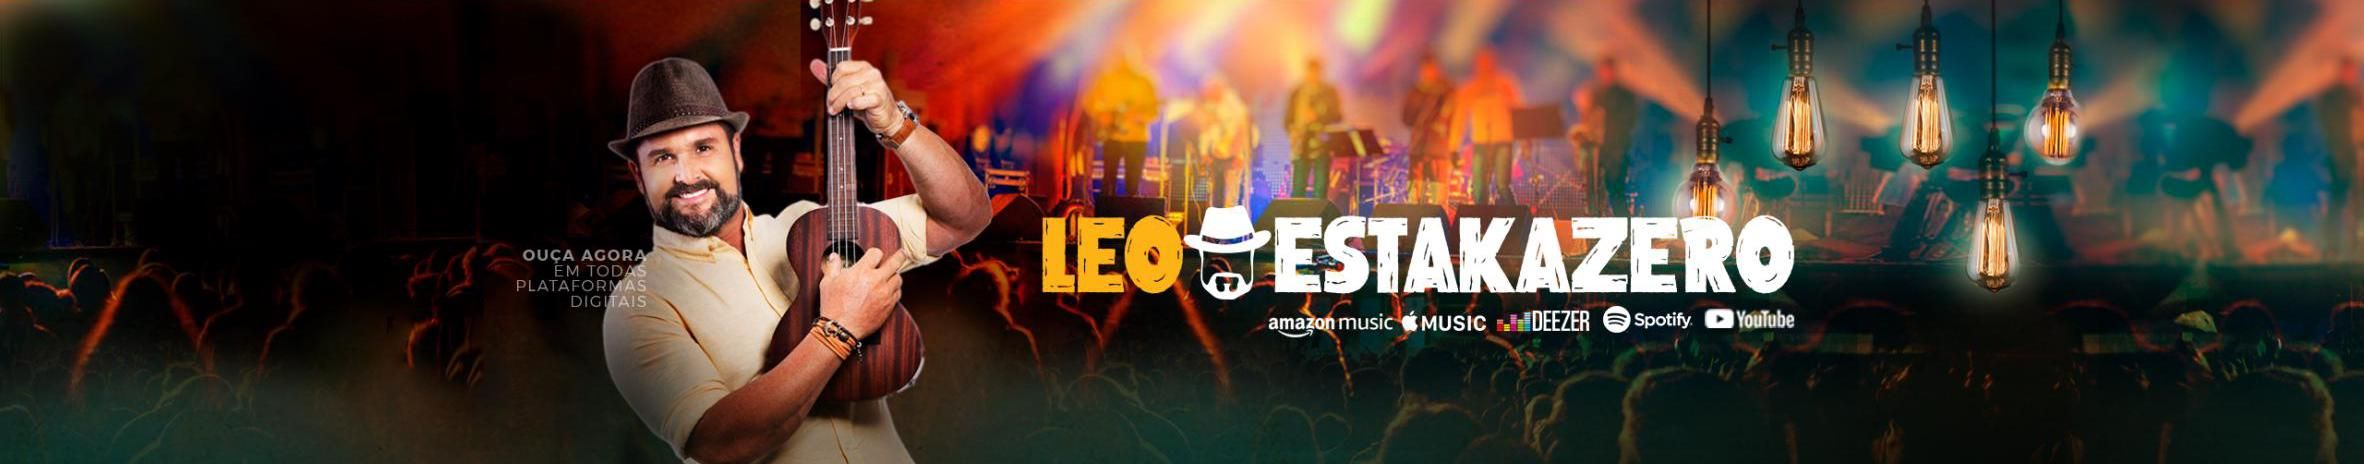 Imagem de capa de Leo Estakazero